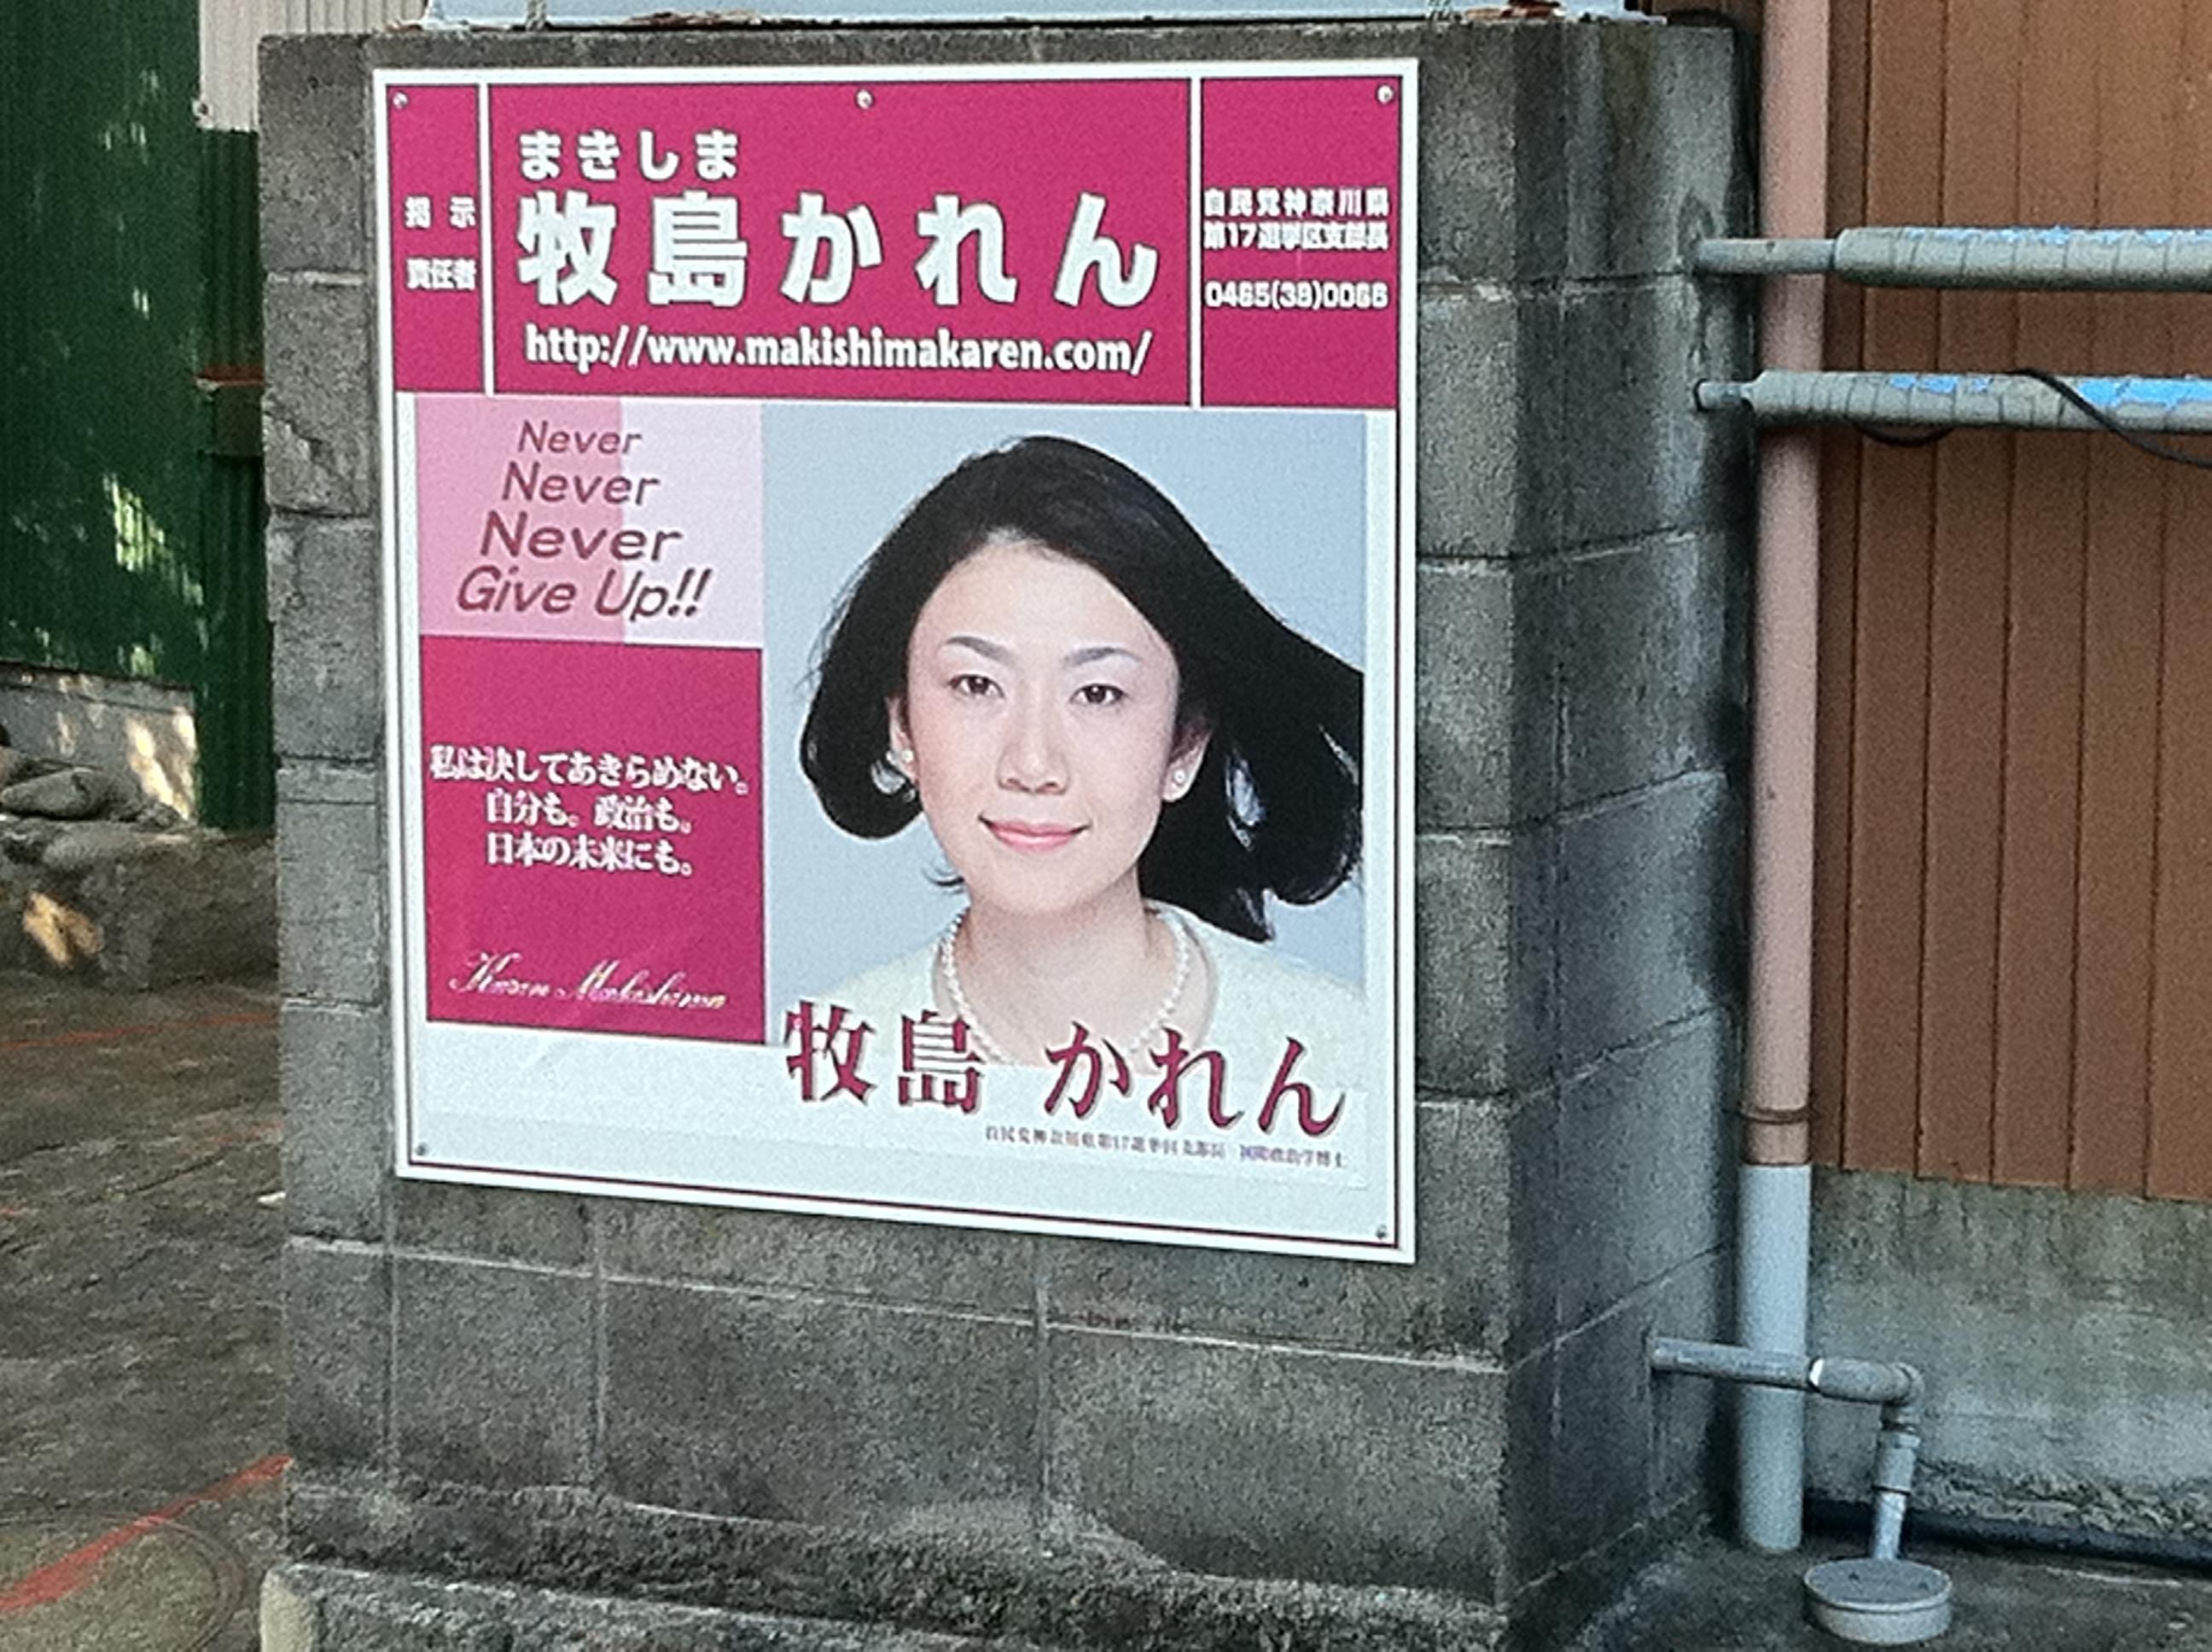 牧島かれんポスター